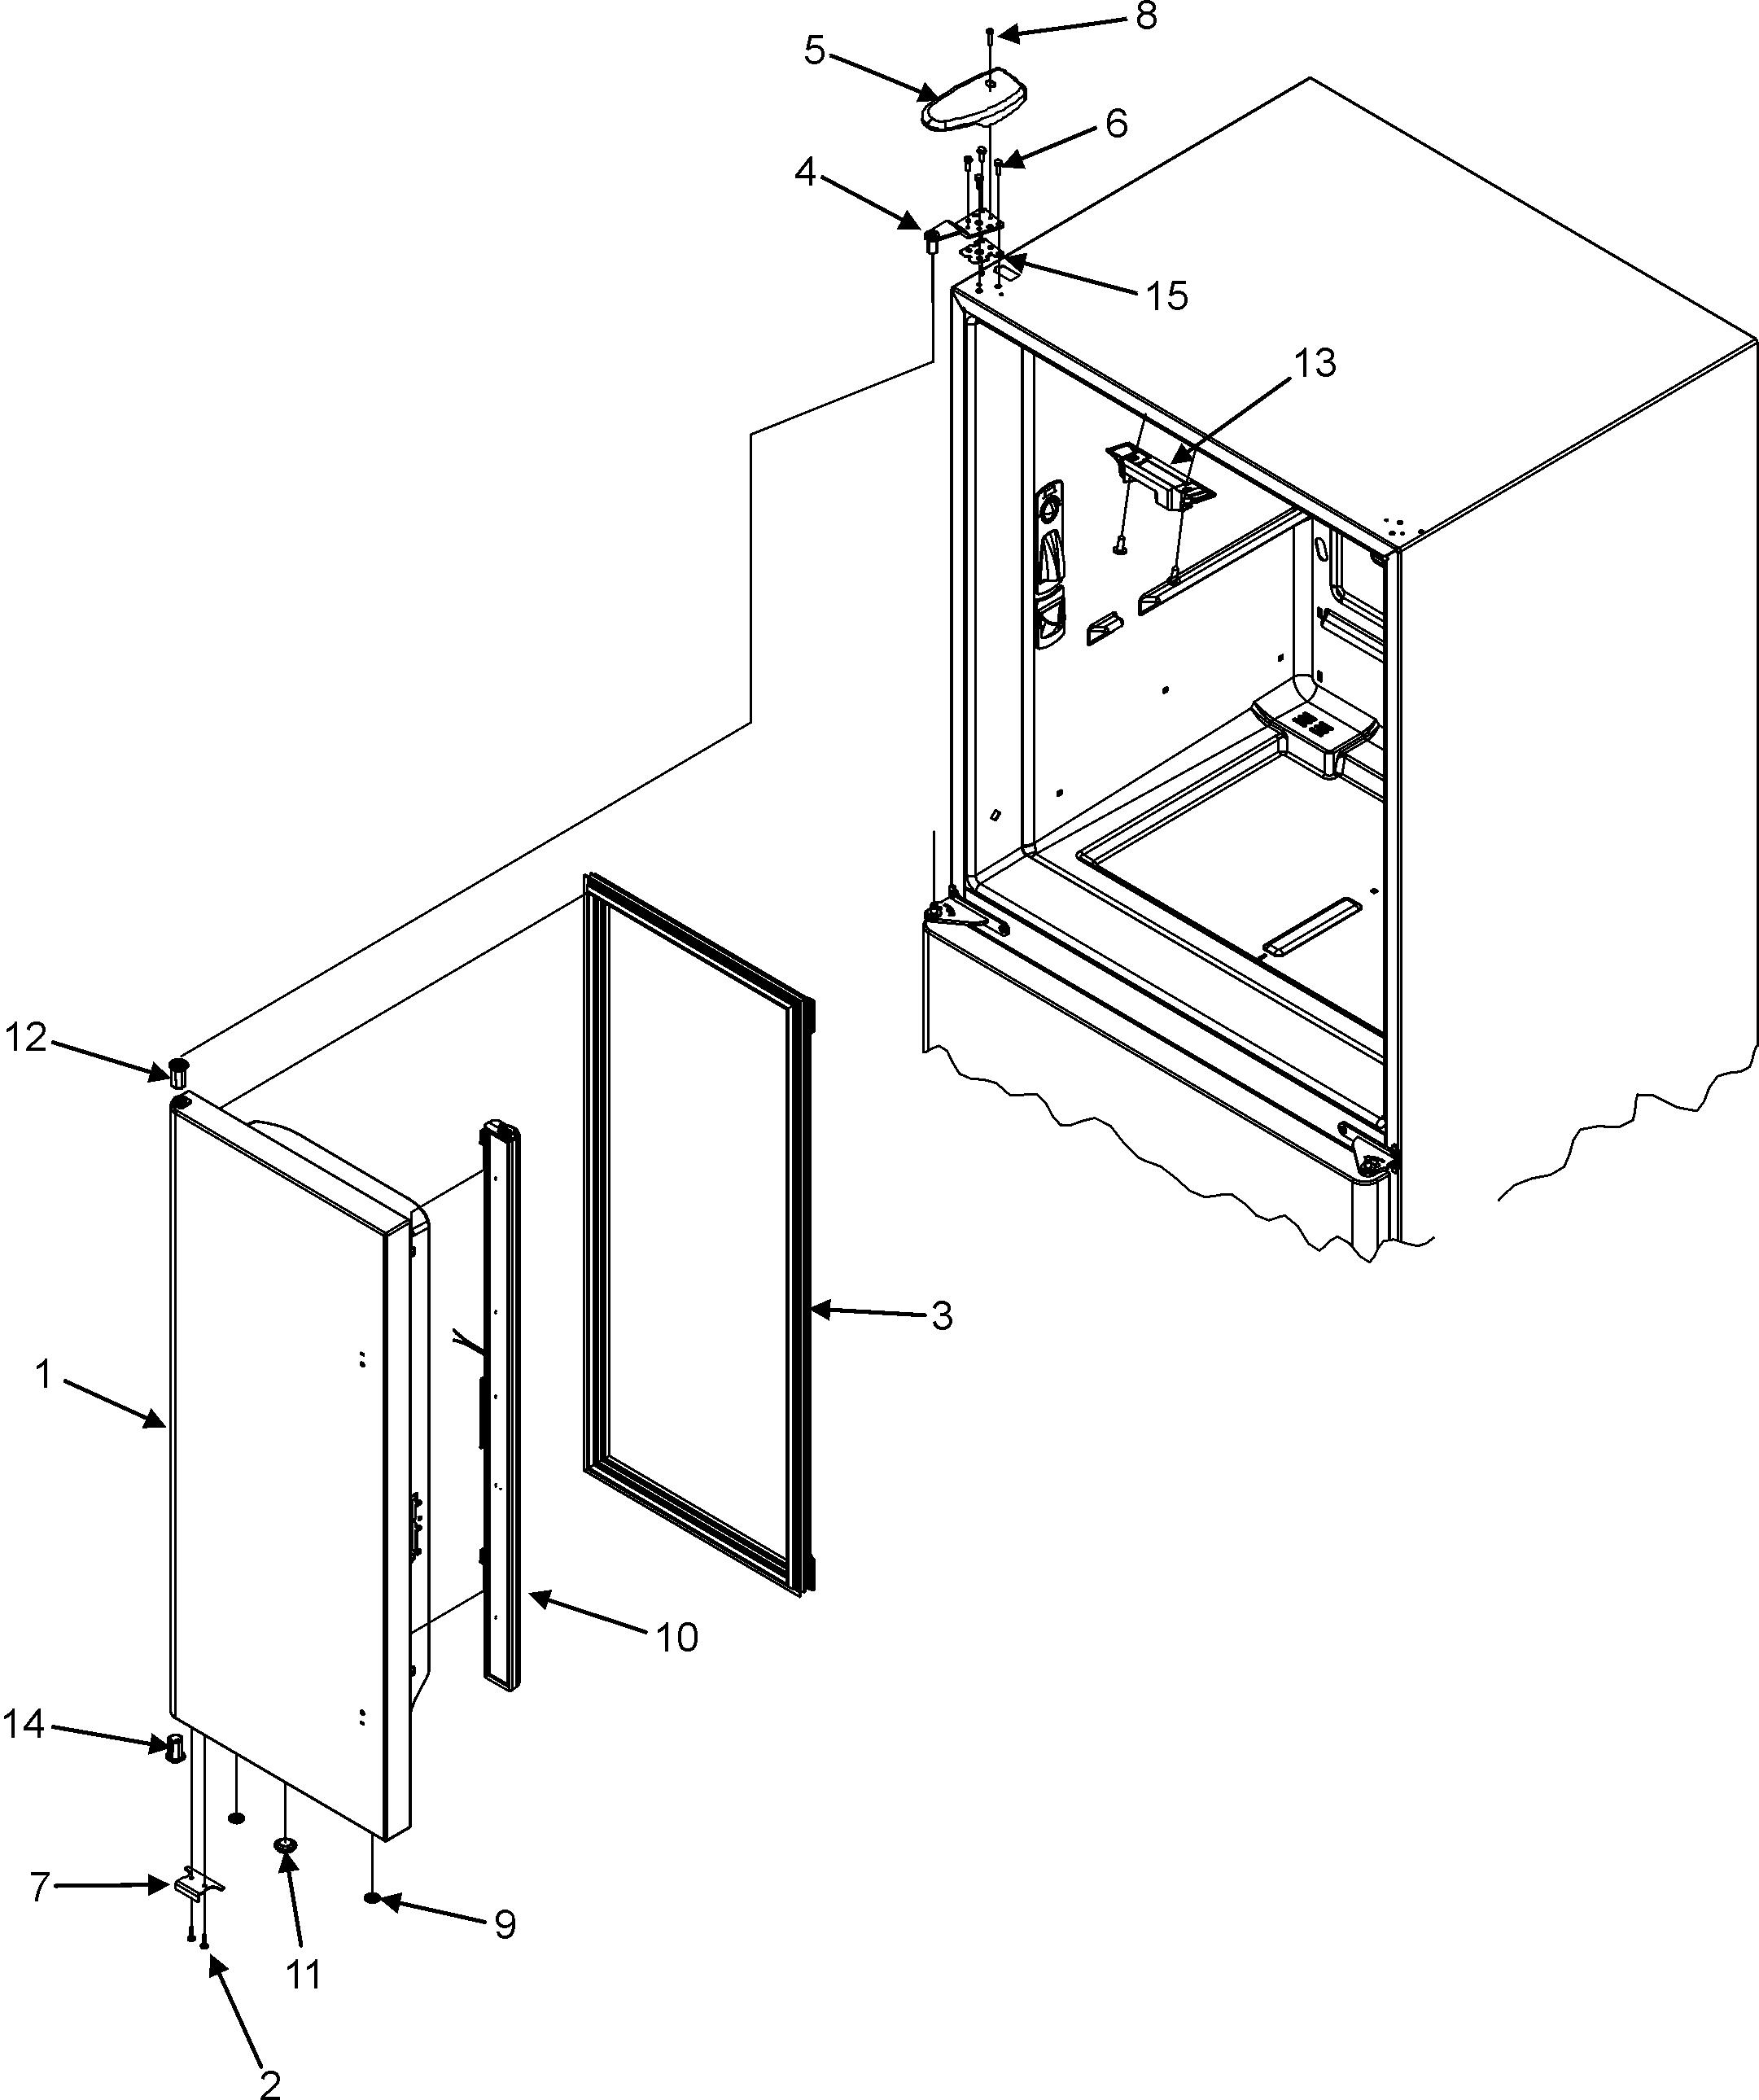 Maytag  Maytag Refrigeration  Left refrigerator door